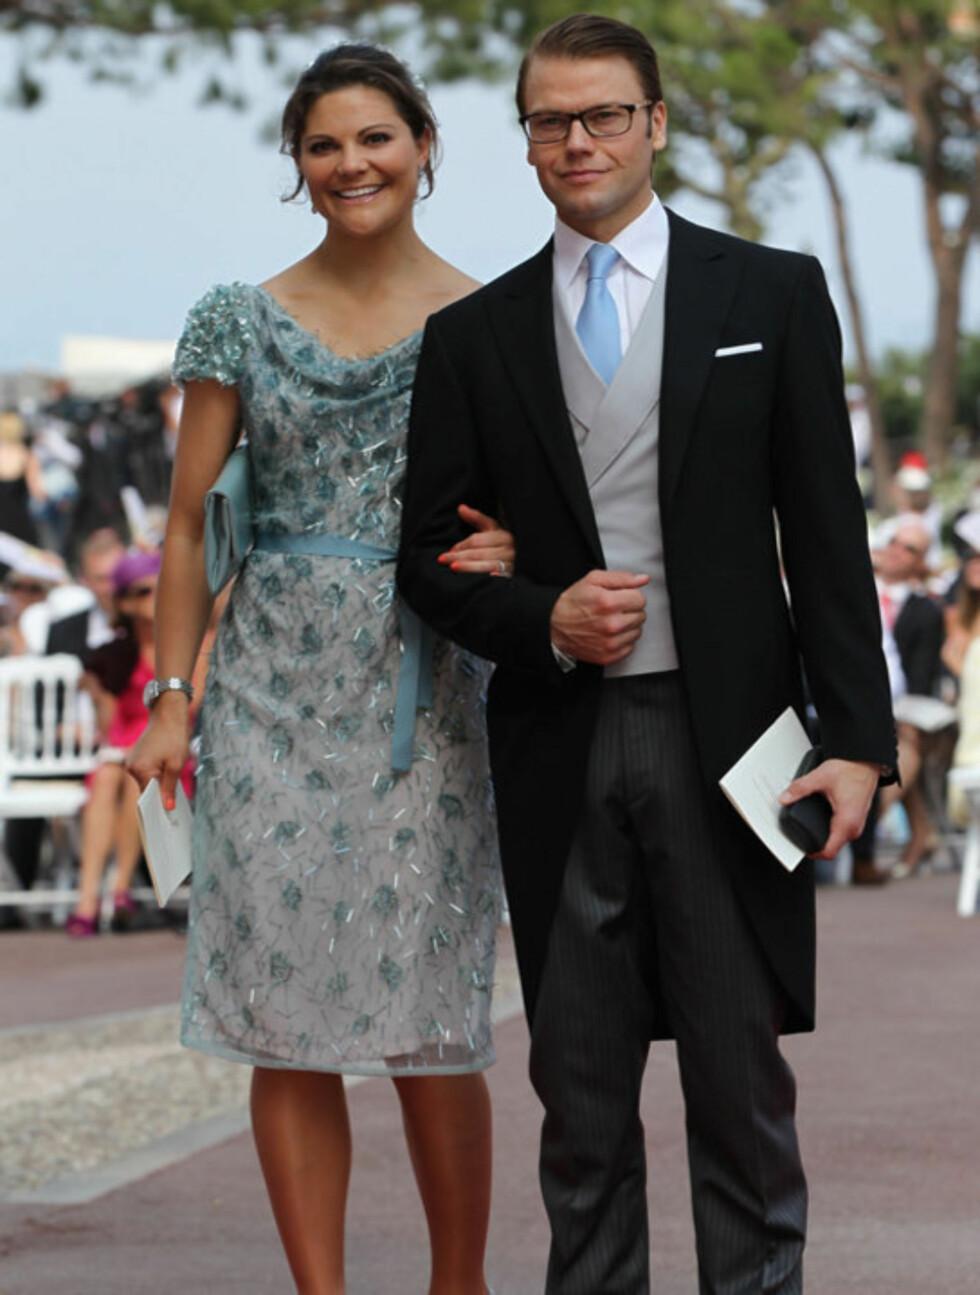 <strong>FORTSATT FORELSKET:</strong> Sverige kronprinsesse Victoria og hennes ektemann Daniel, hertug av Västergotland, matchet søtt da de ankom lørdagens seremoni i Monaco.  Foto: All Over Press